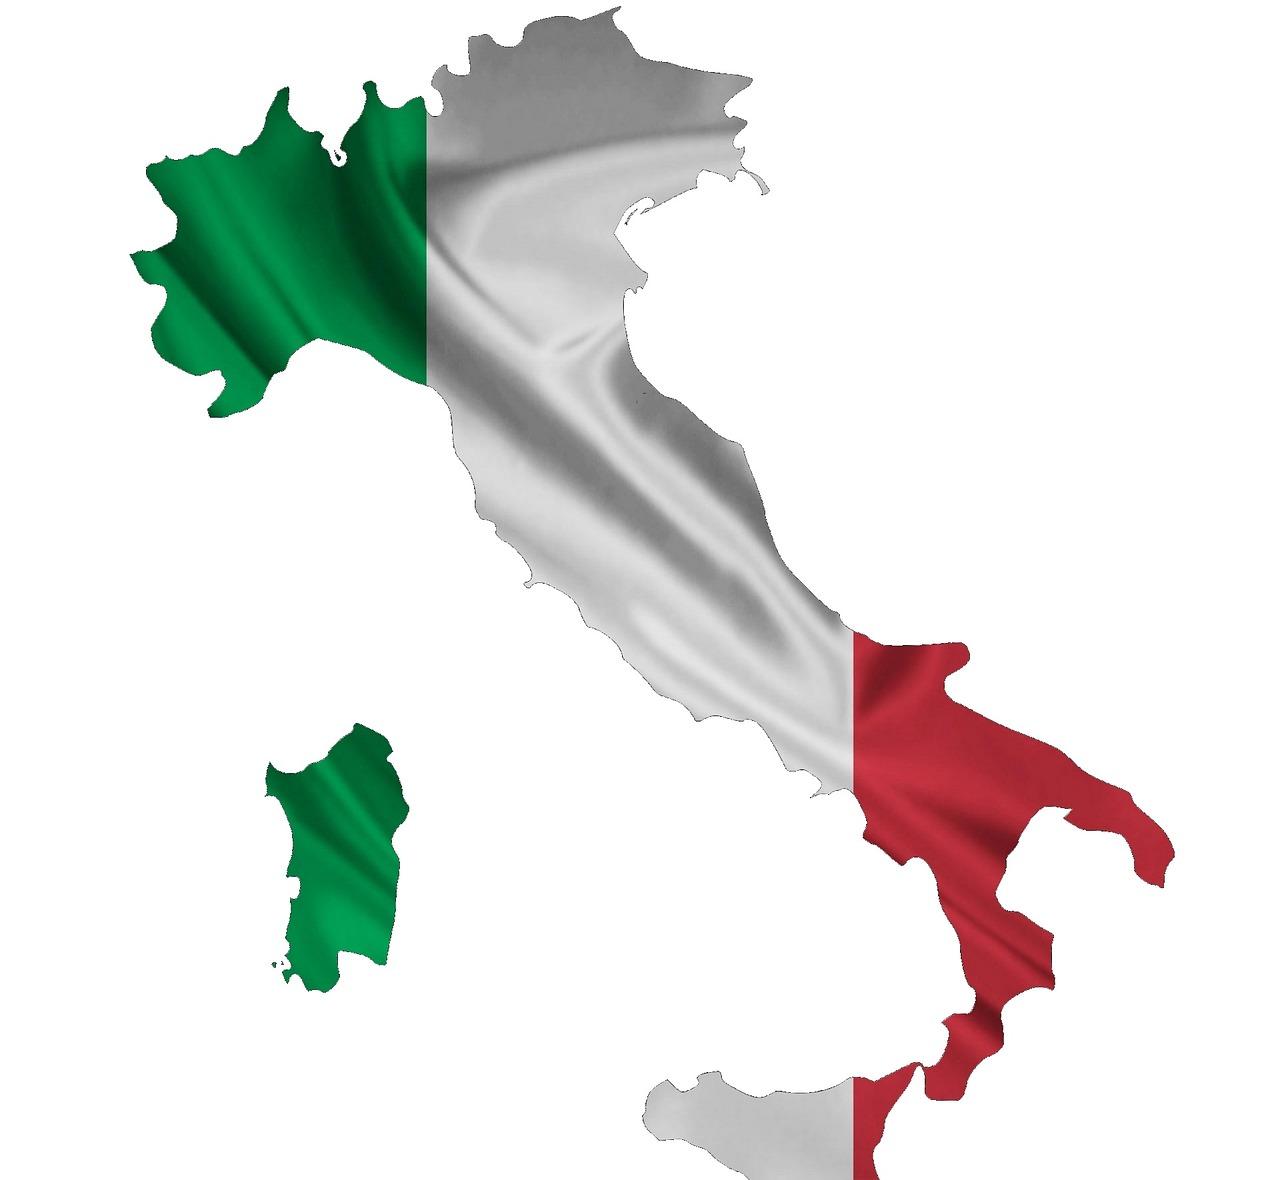 модульная картинка флаг италии есть